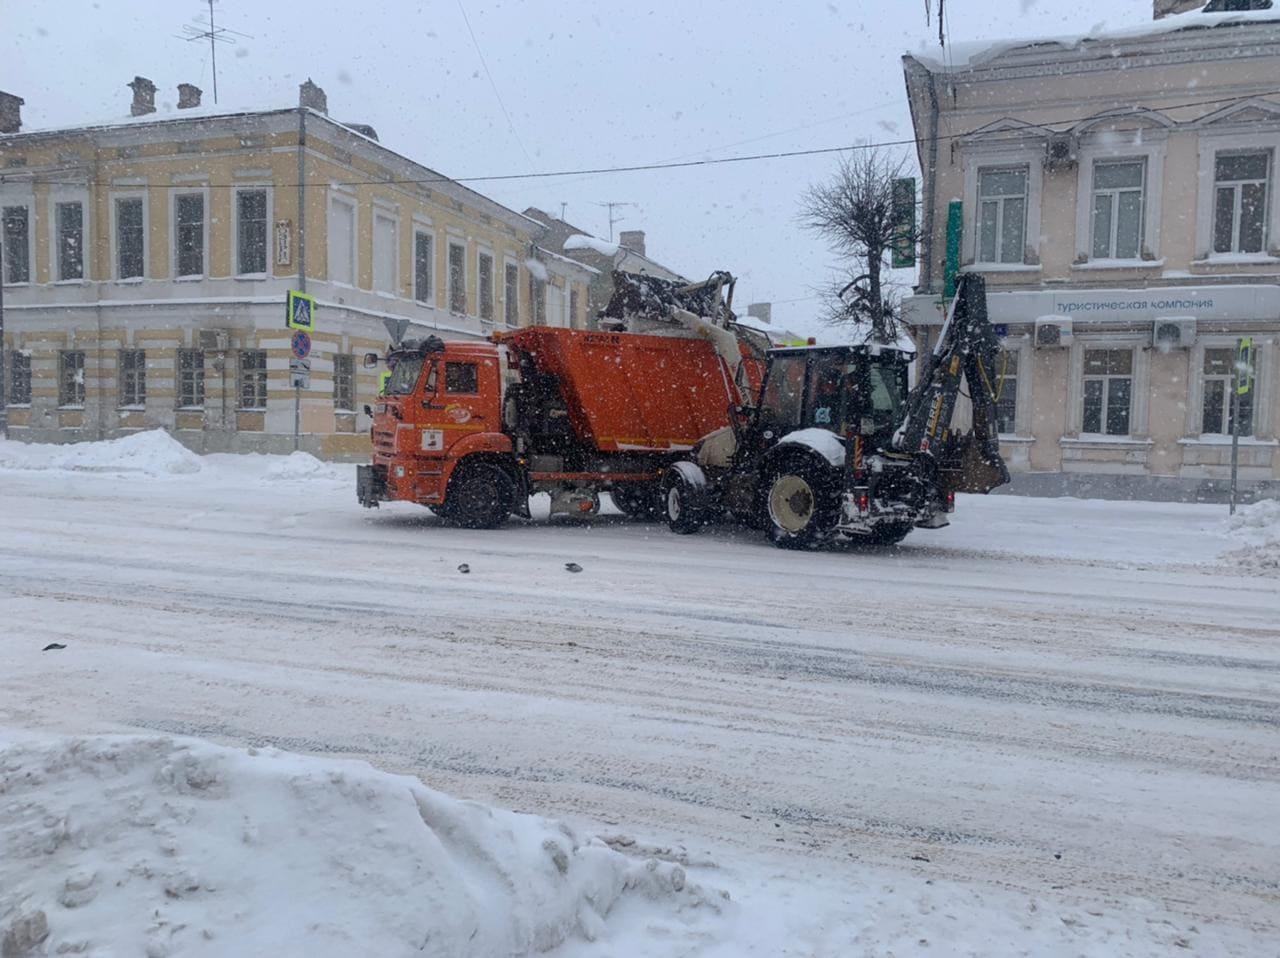 239 единиц техники задействовано в расчистке региональных и межмуниципальных дорог Тверской области